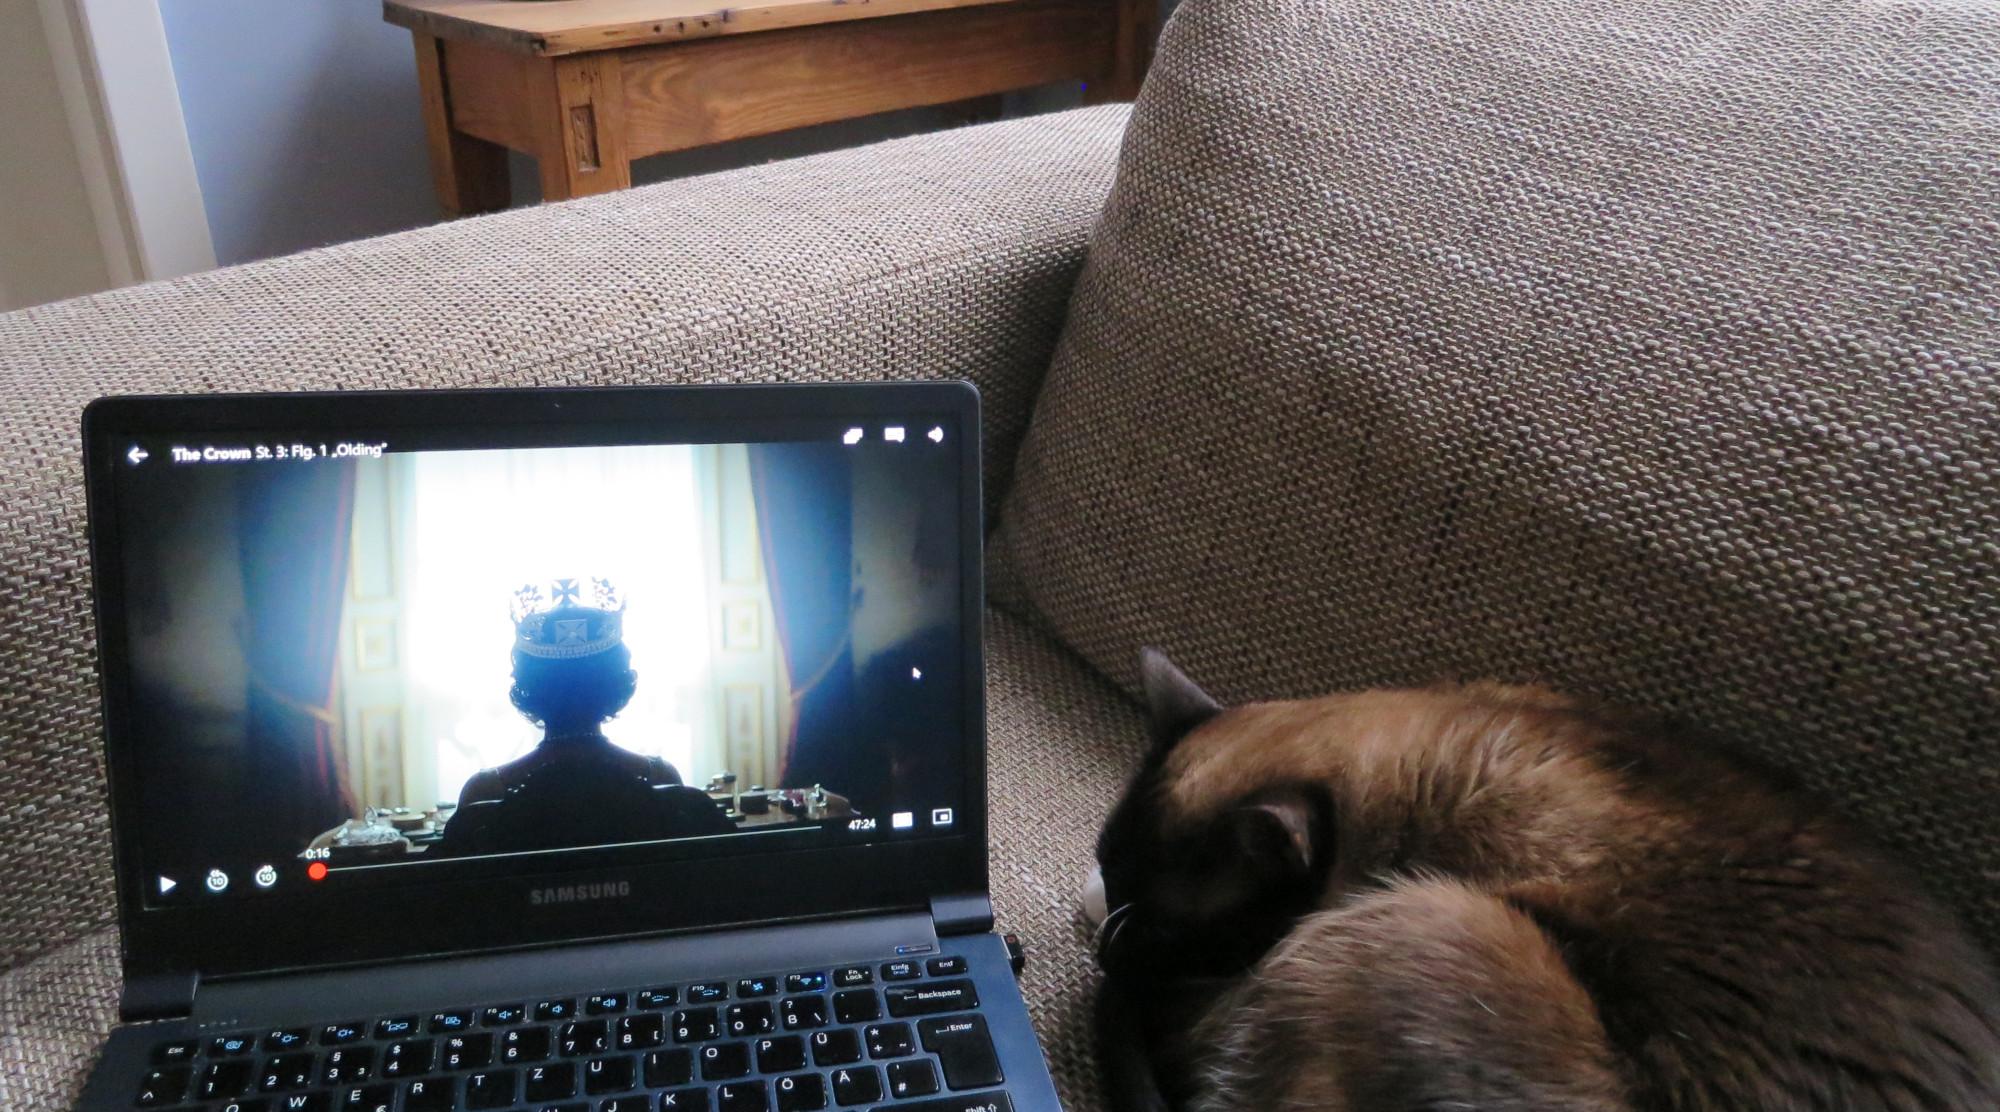 Notebook und Katze auf dem Sofa